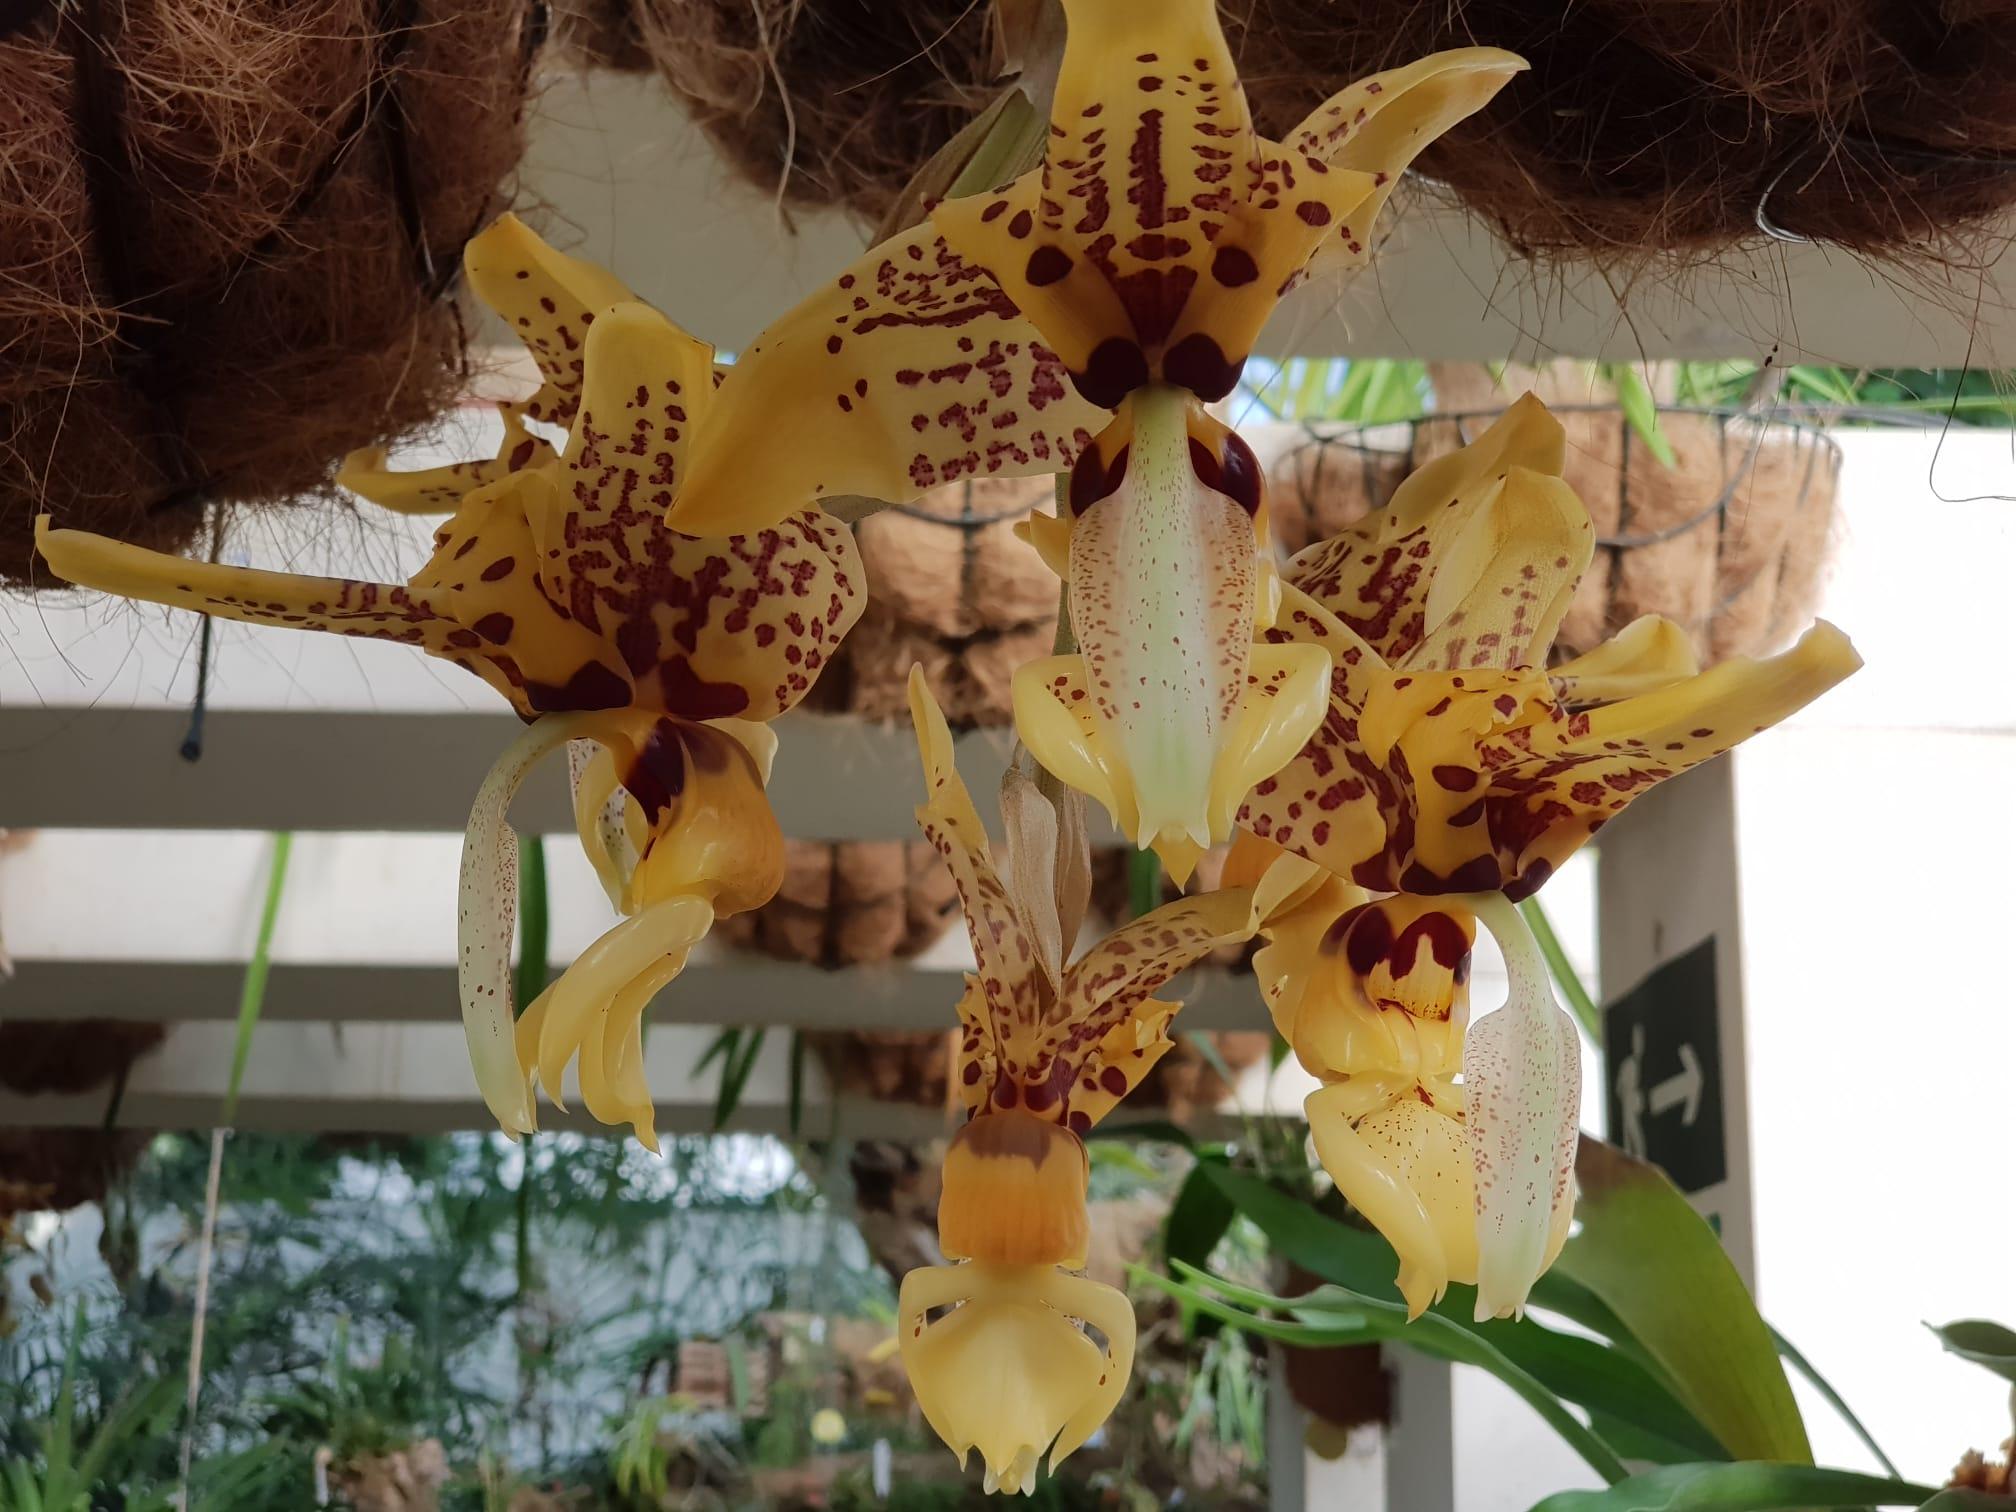 El Orquidario de Estepona acoge la floración de una especie que desprende aroma a chocolate